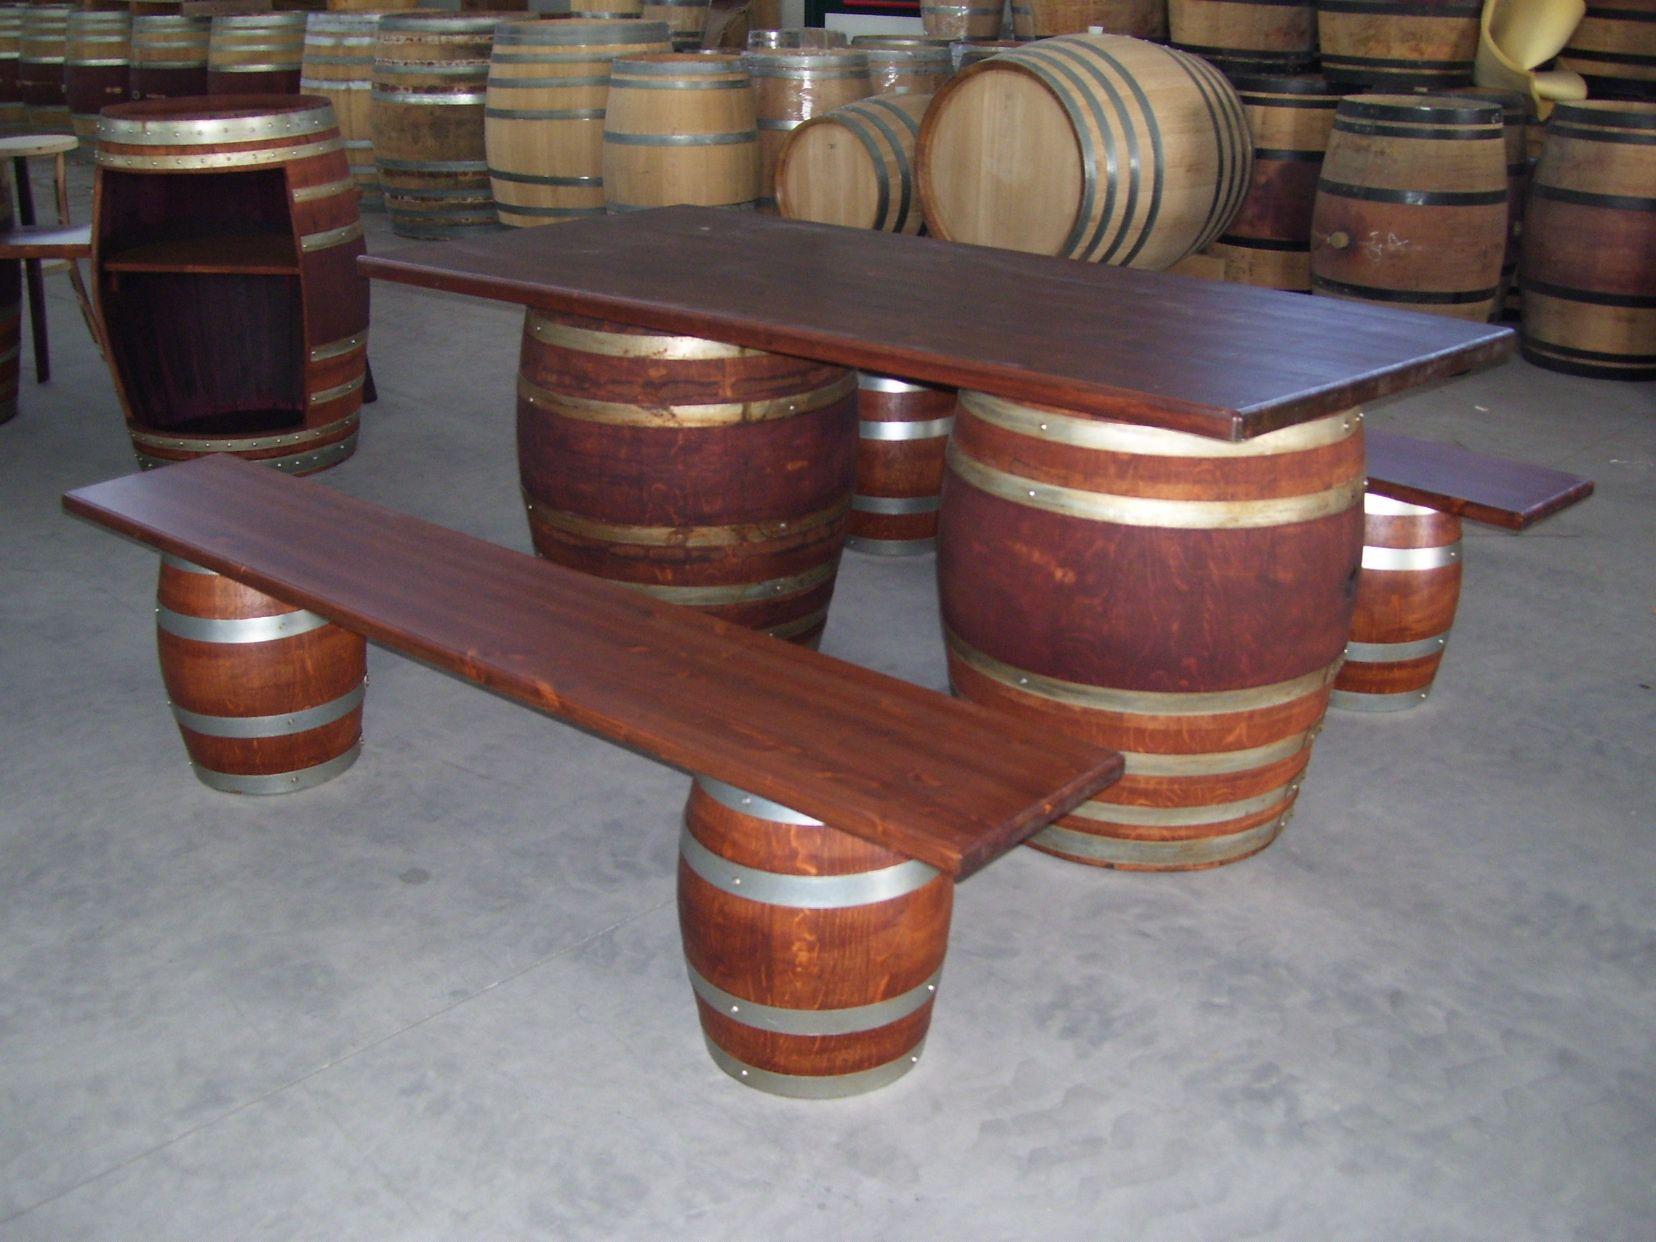 Botte Tavolo ~ 1440 tavolo a botte da birreria da 2 metri con panchine craft